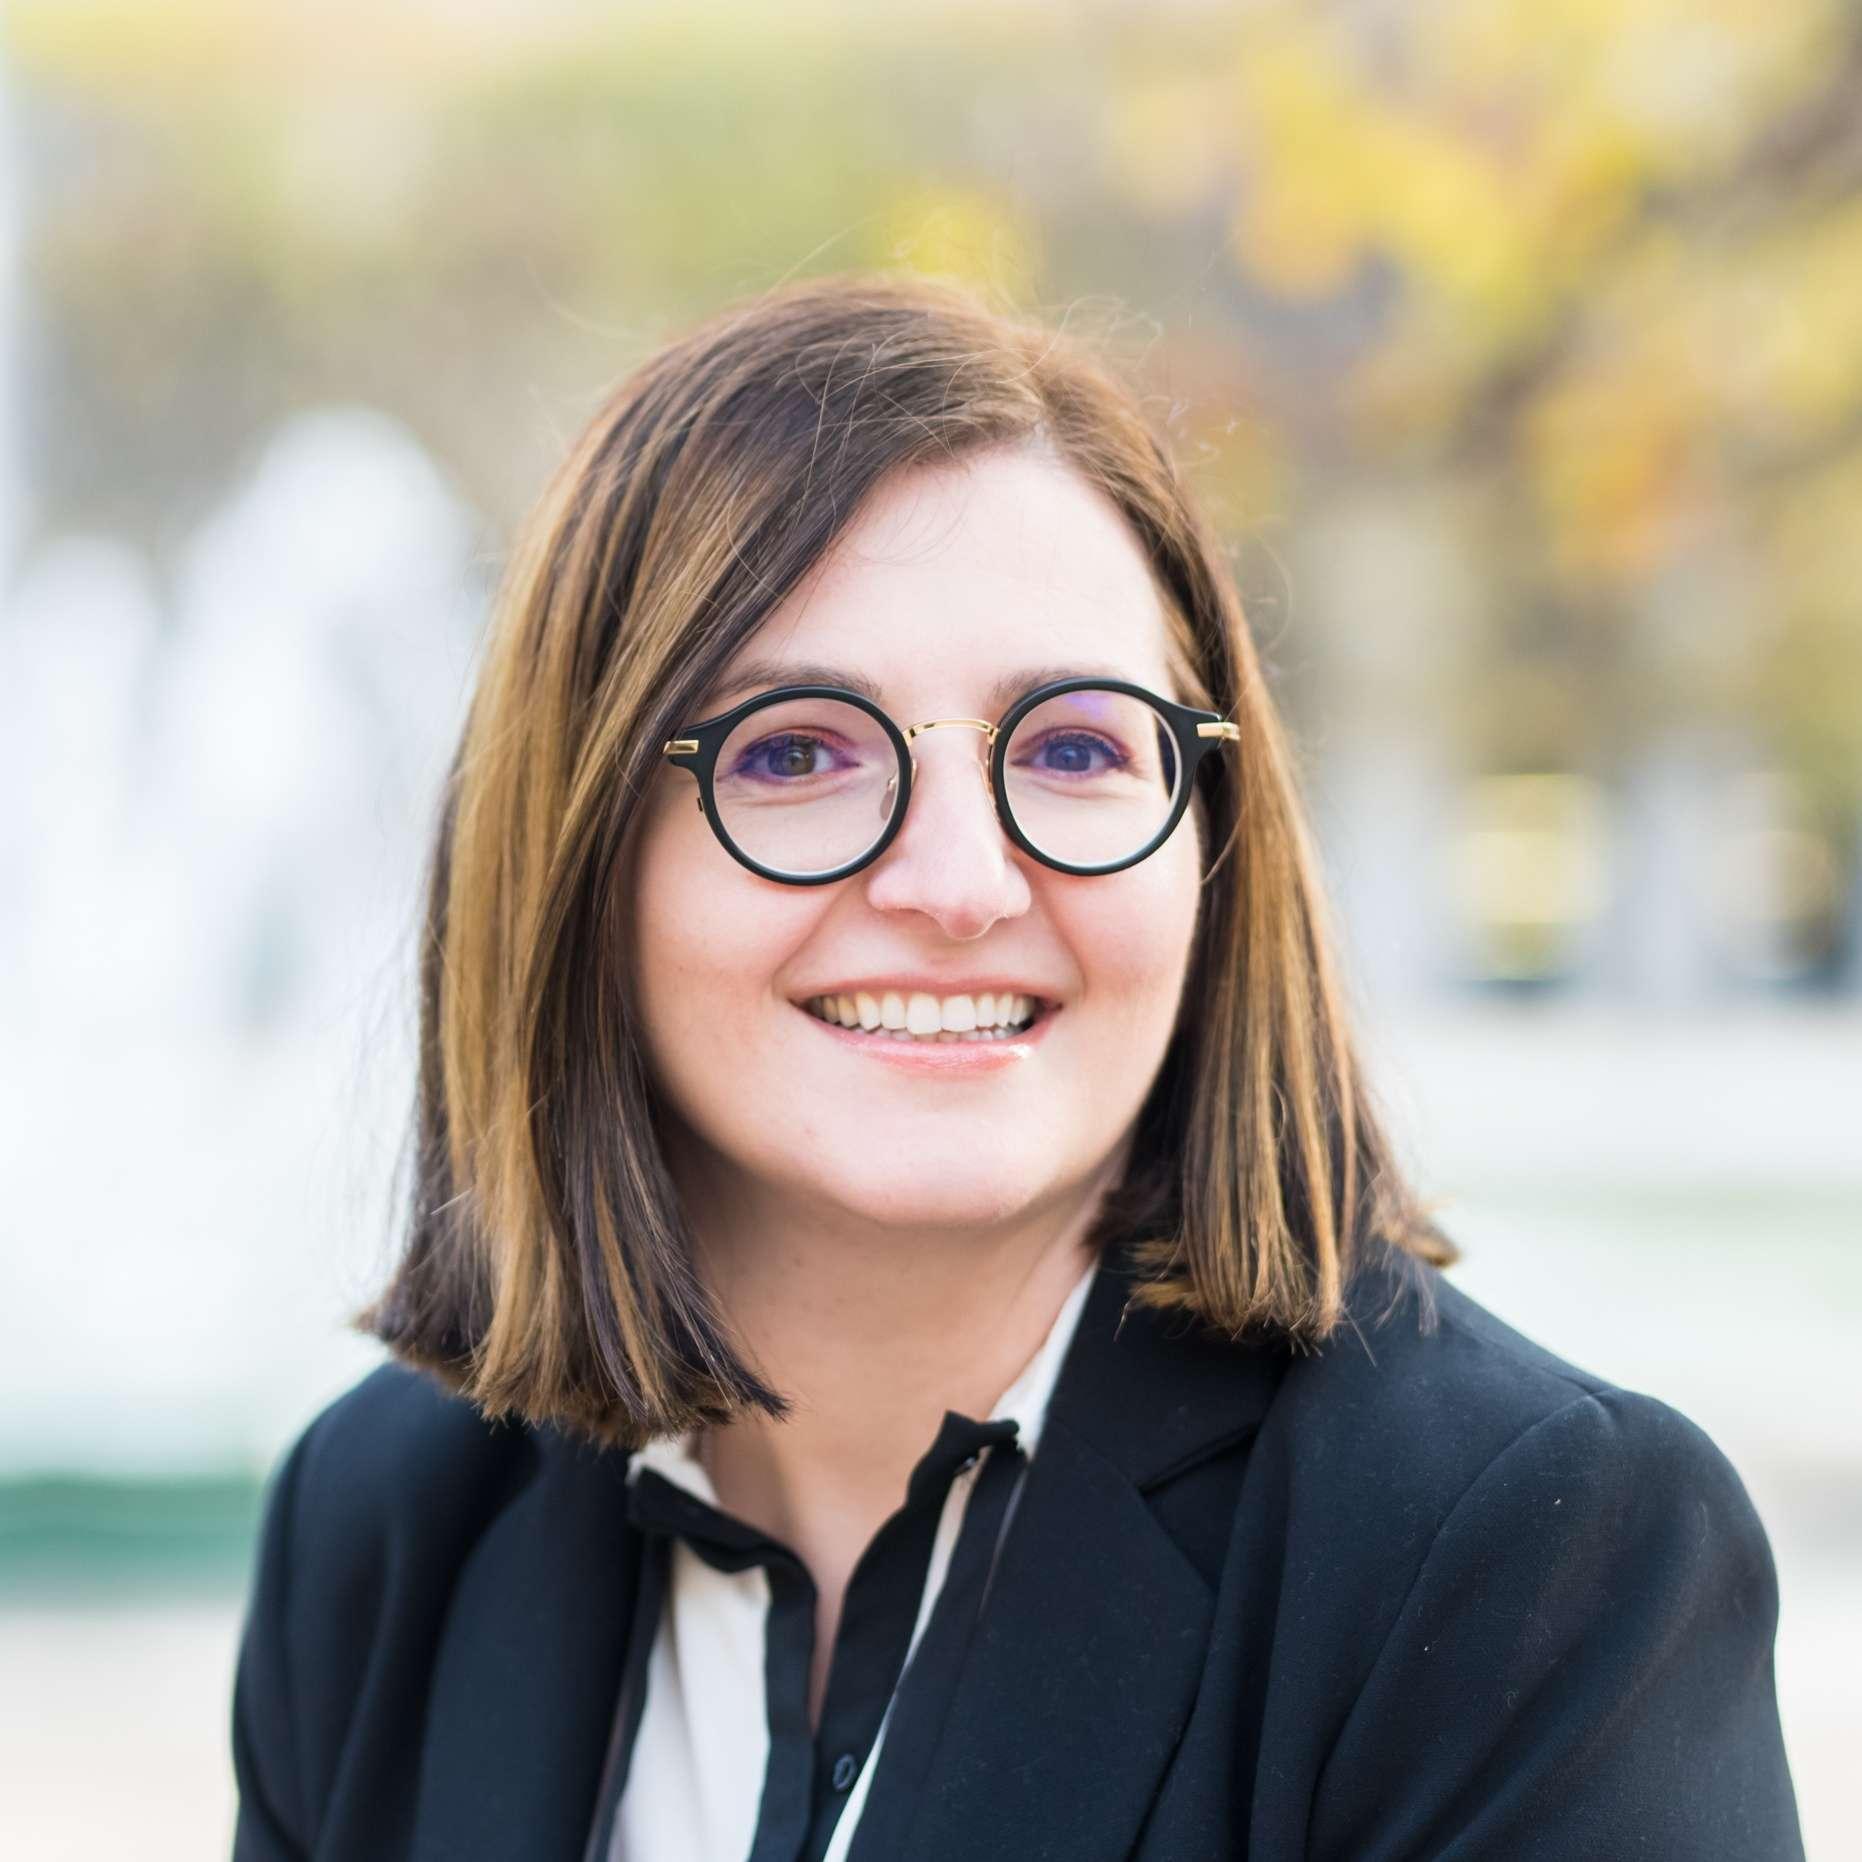 Elodie Crespel, PhD